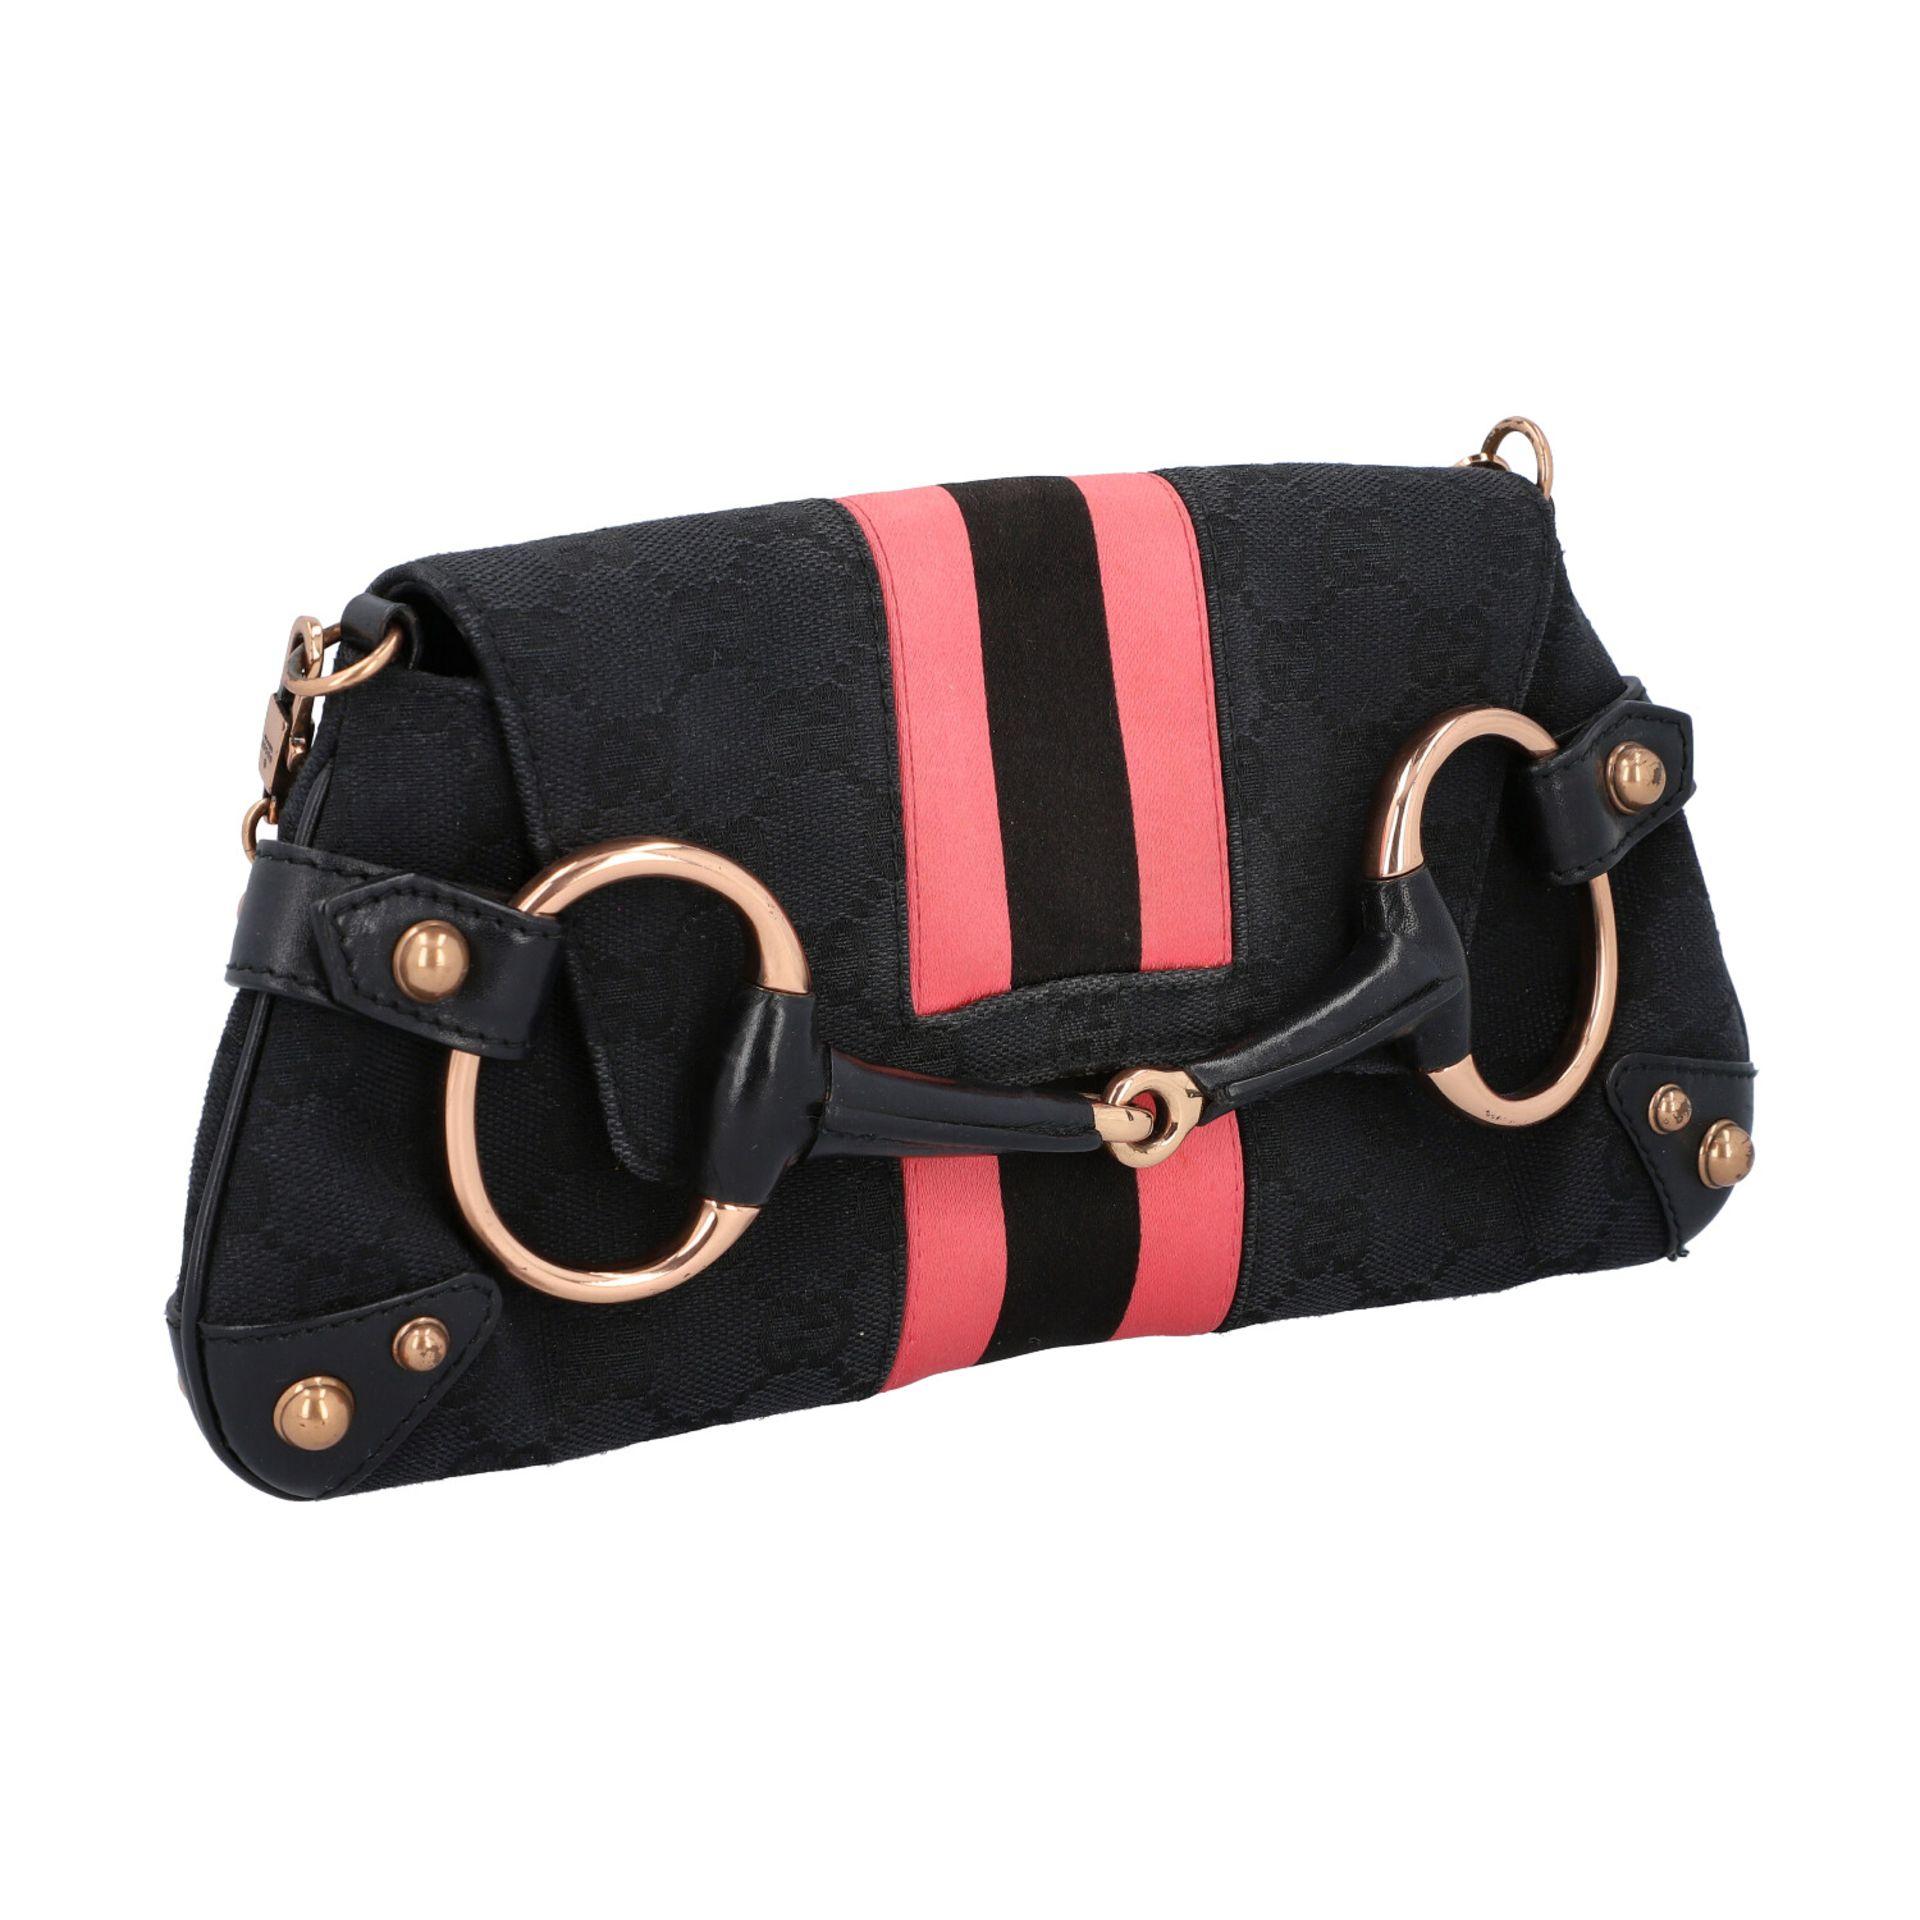 GUCCI Pochette. Guccissima Webmuster in Schwarz mit rosafarbenen Streifen und roségol - Image 2 of 8